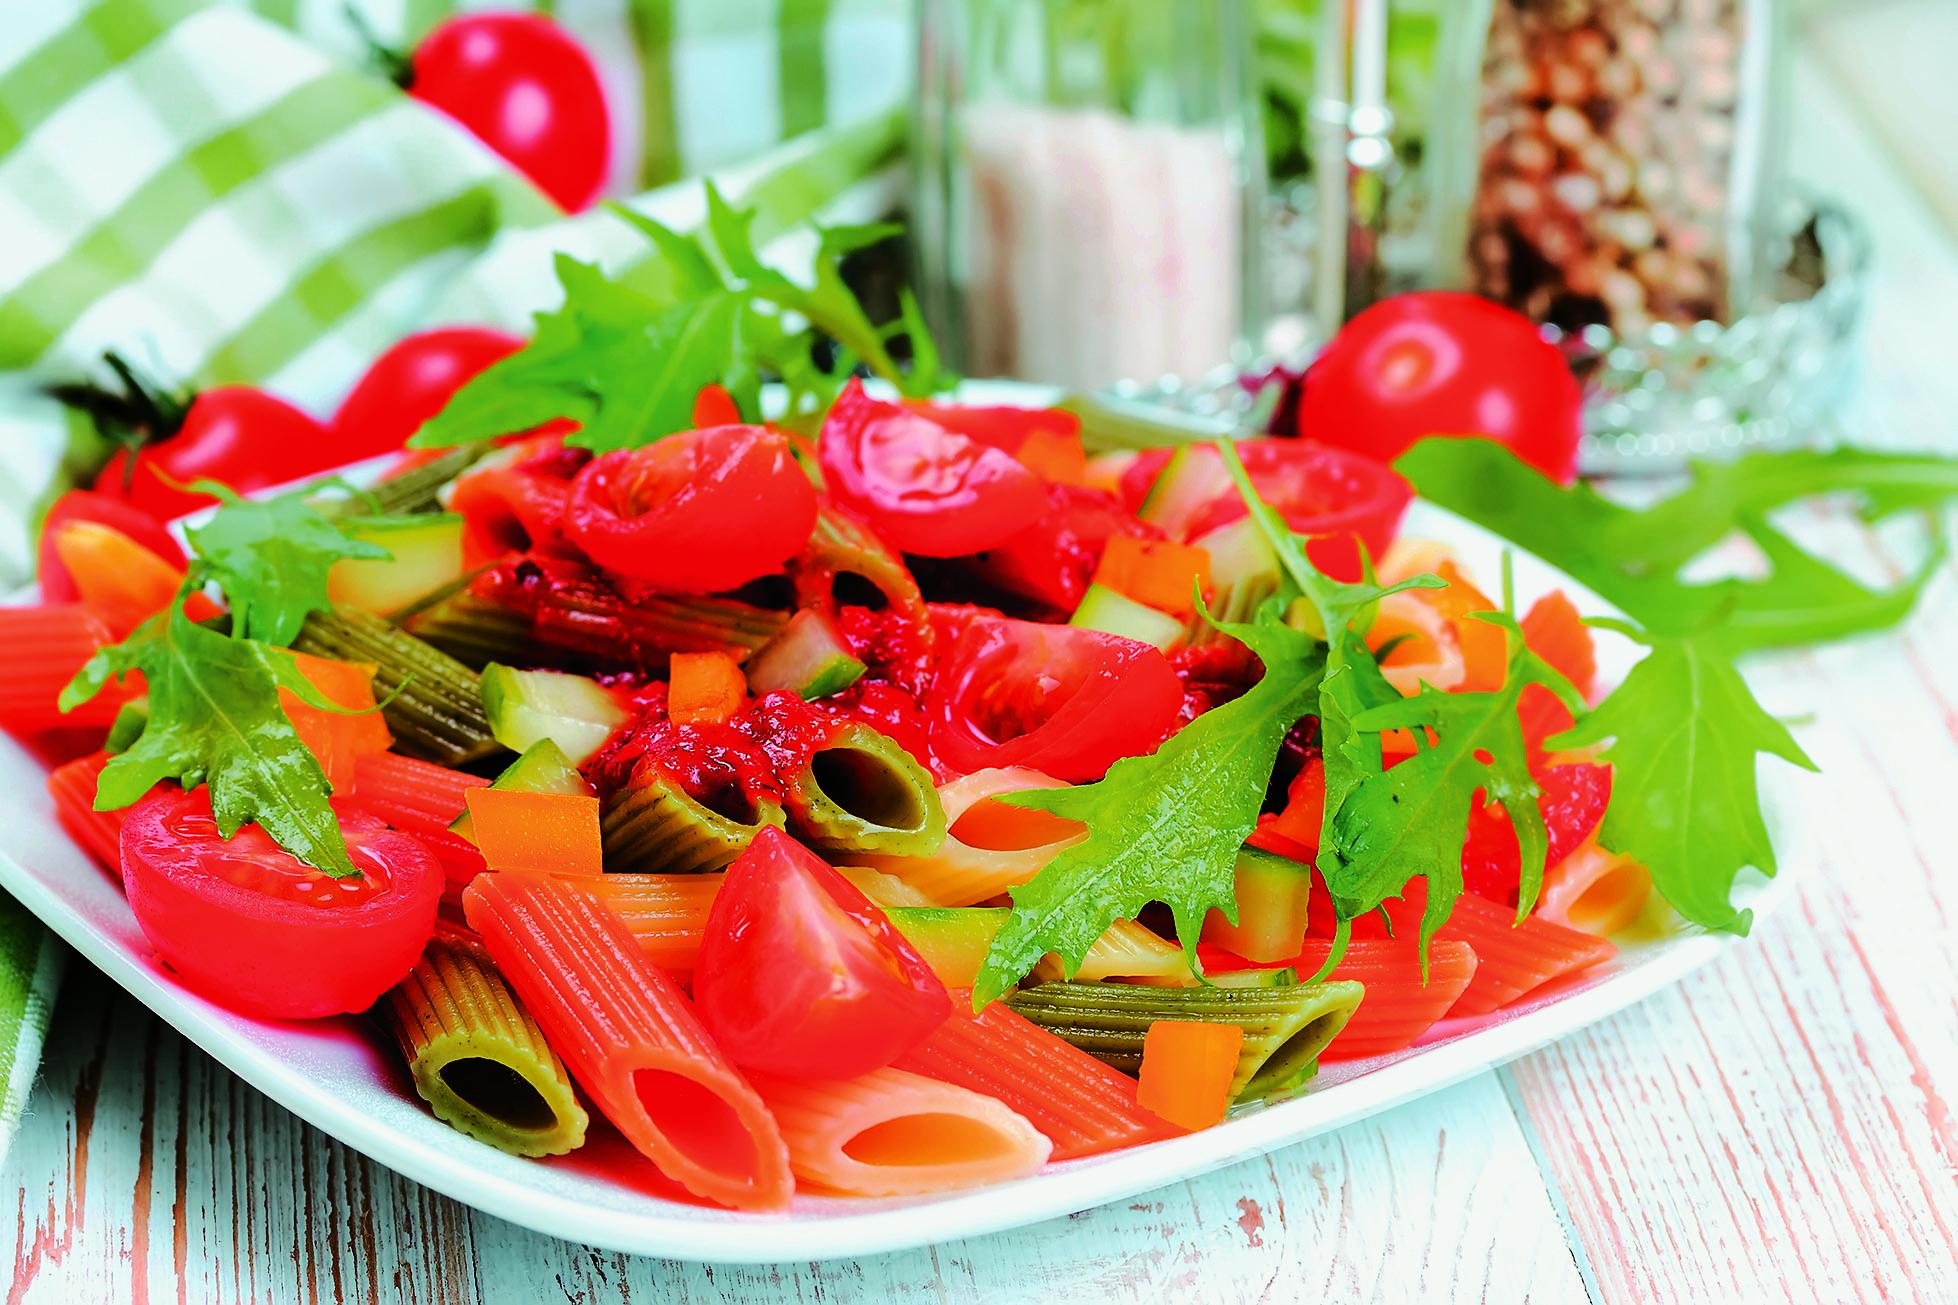 σαλάτα ζυμαρικών με λαχανικά